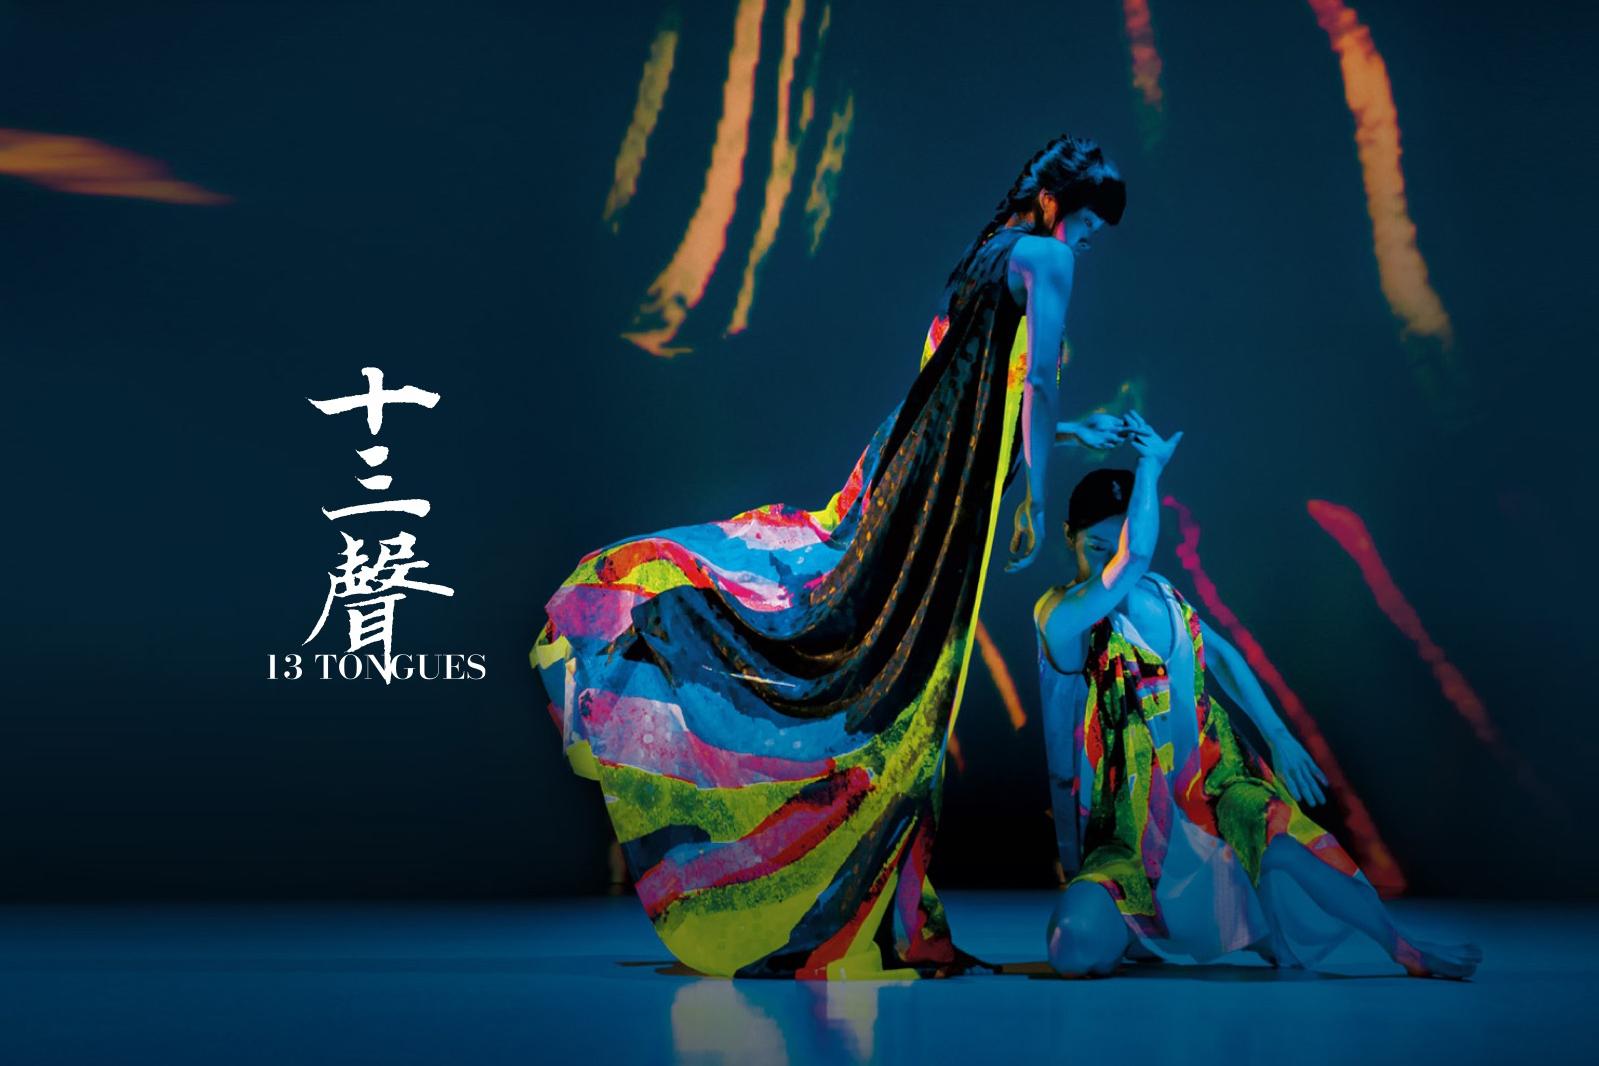 【雲門舞集鄭宗龍《十三聲》台灣巡演|2021/4/11-2021/6/6】